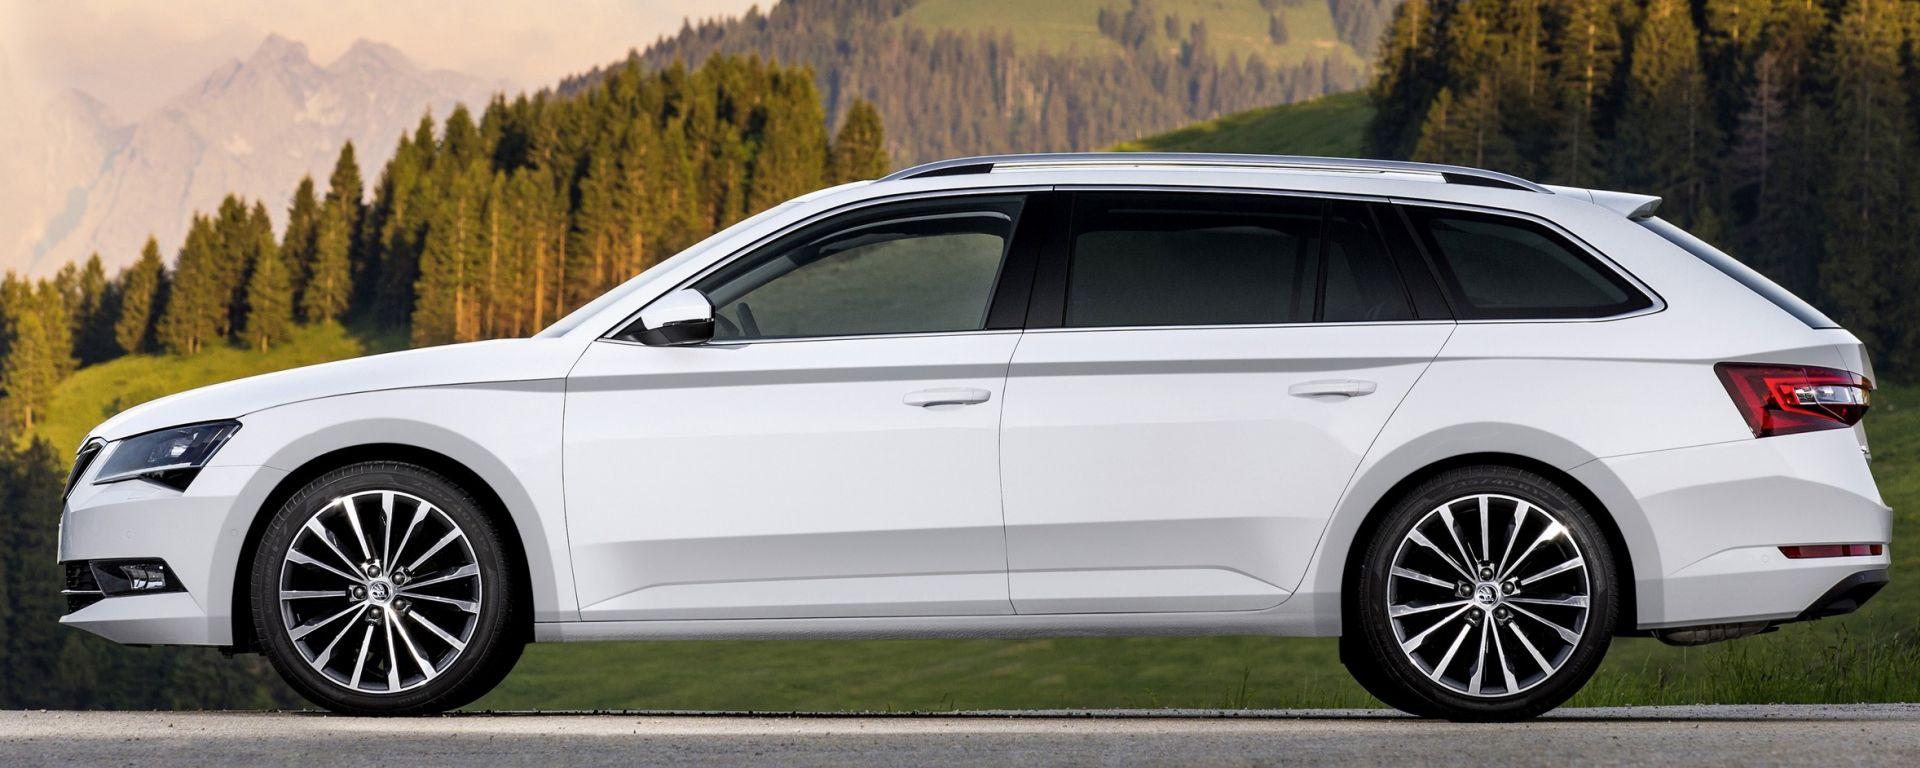 Škoda: la Superb Wagon vince il Red Dot Award per il design